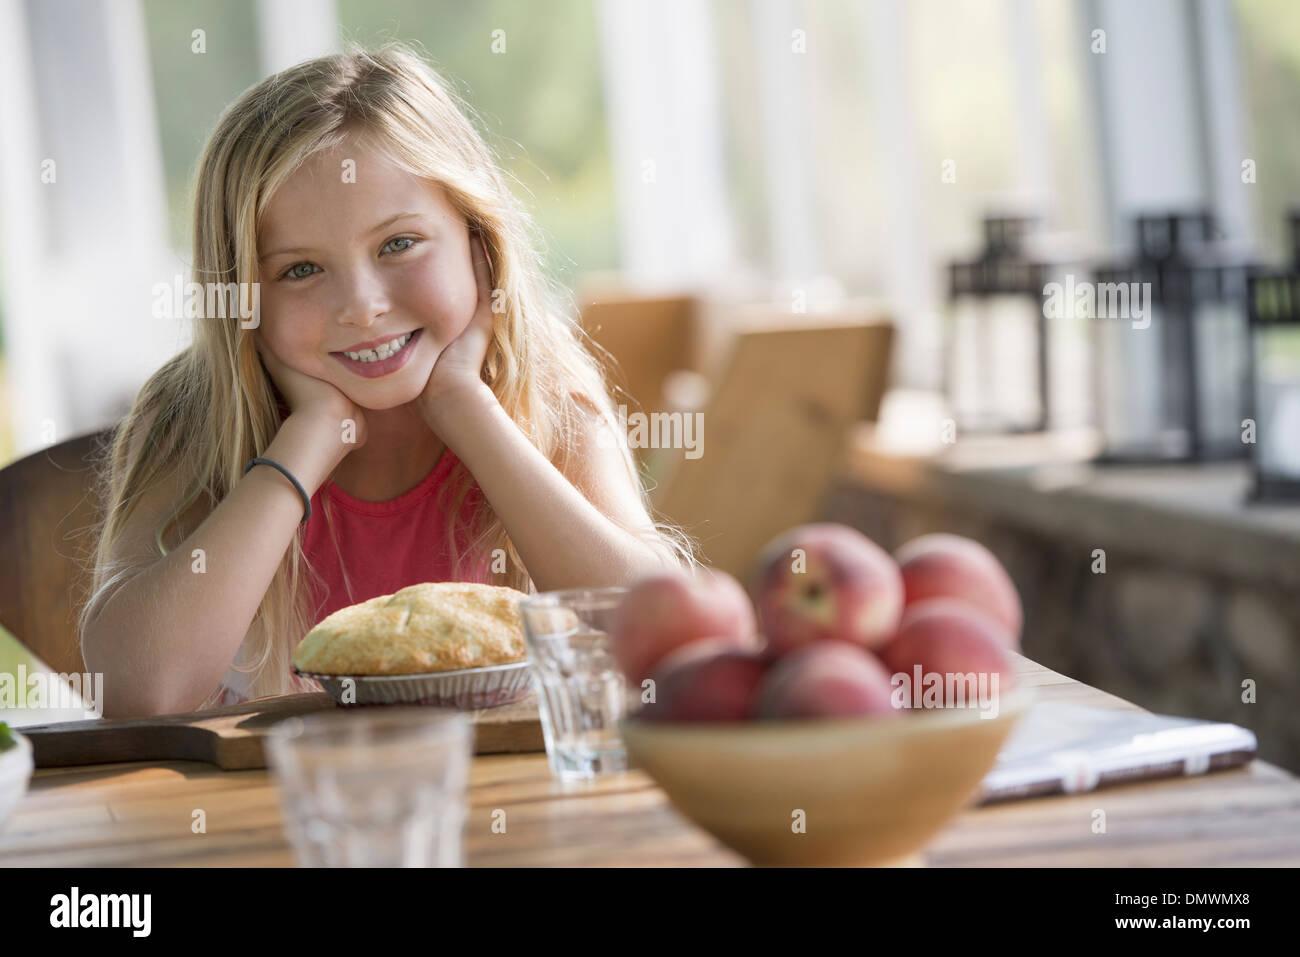 Una giovane ragazza guardando una torta di pasticceria sorridente. Immagini Stock